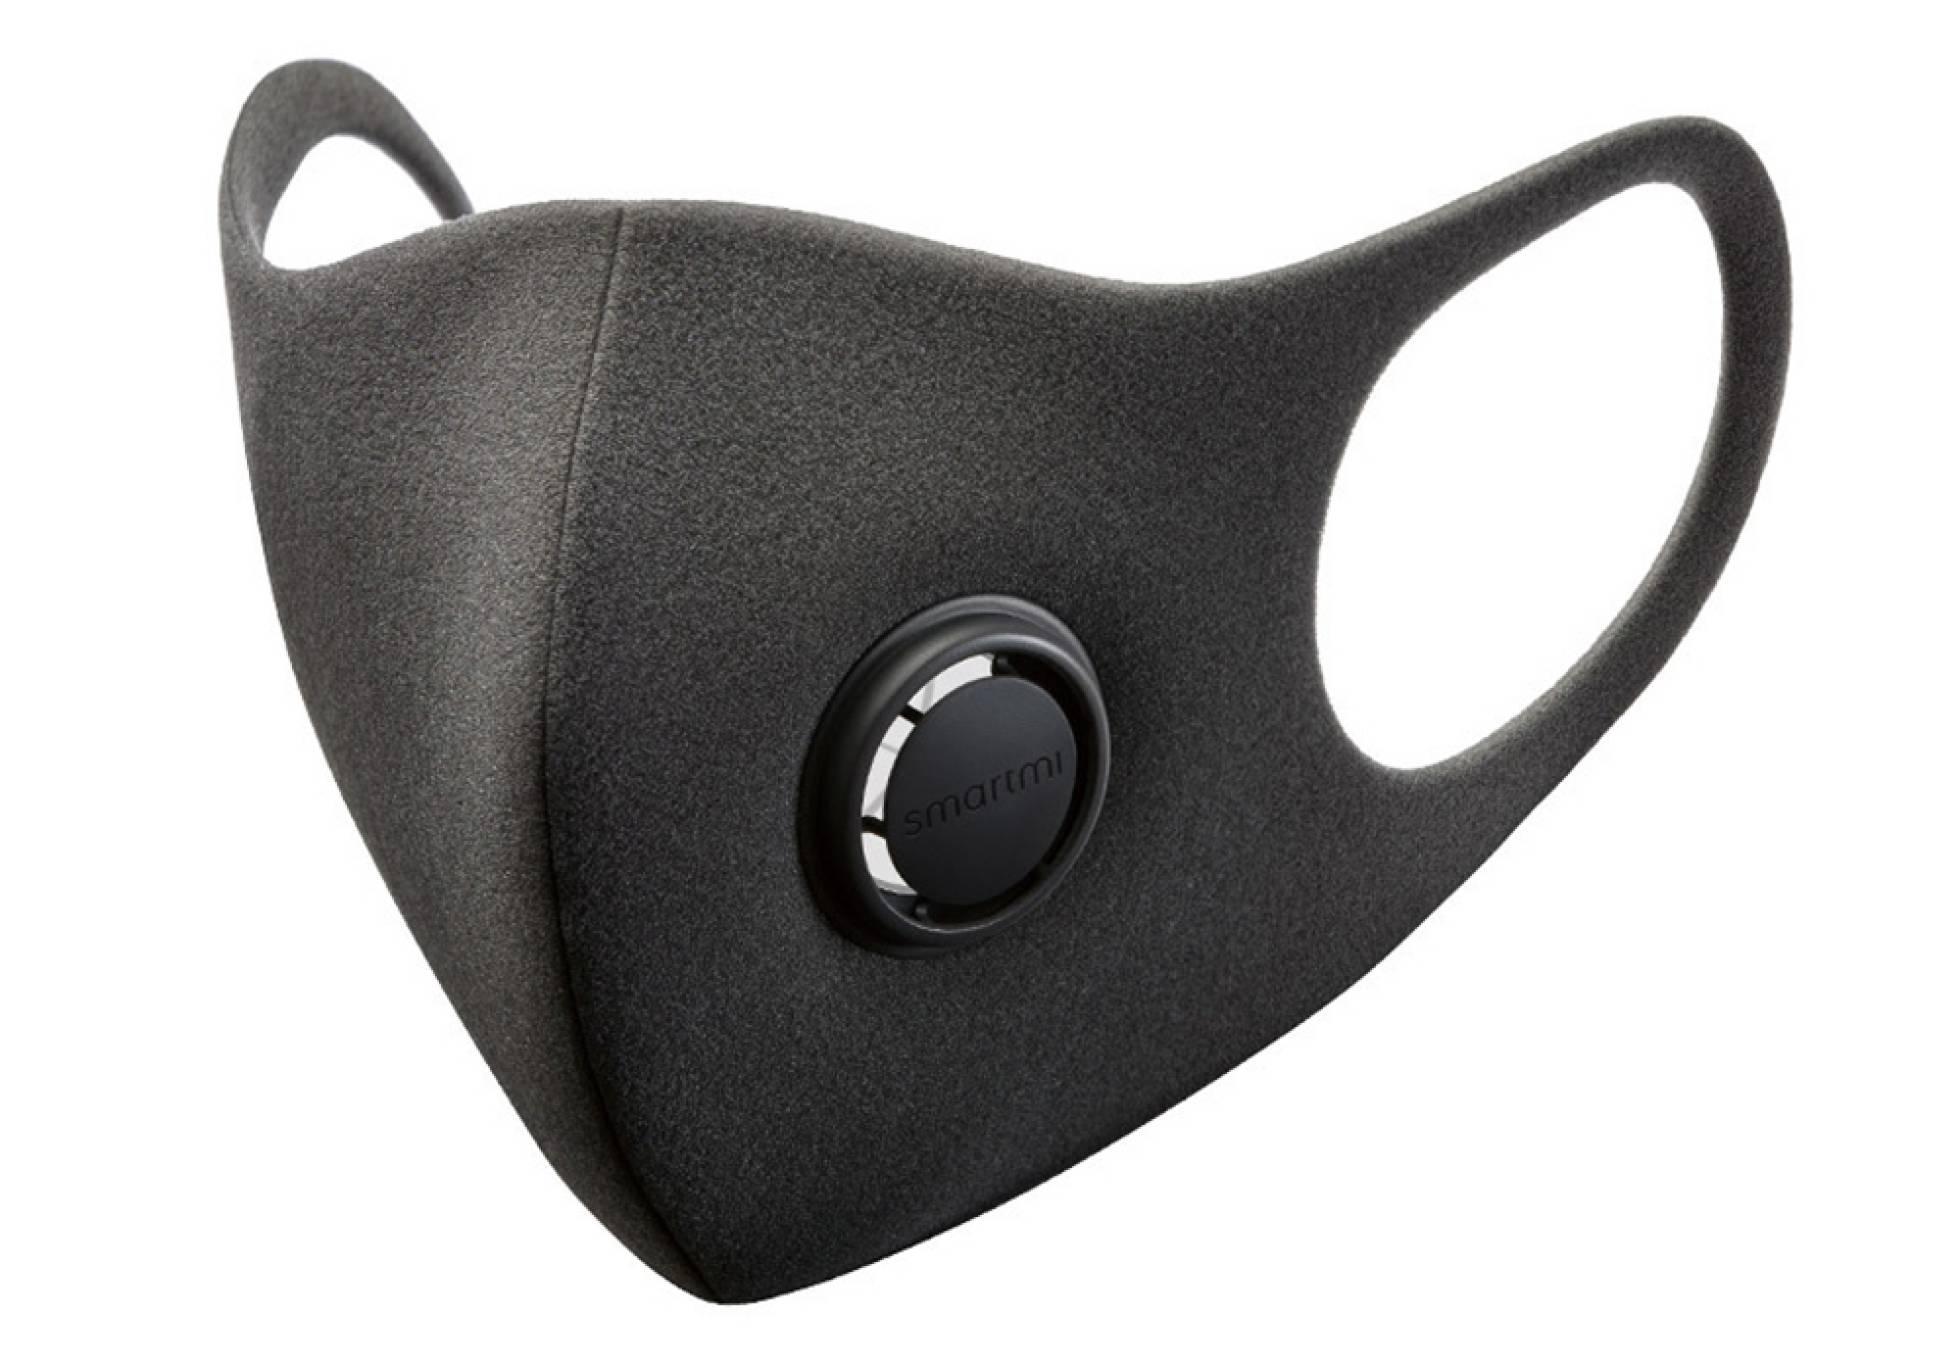 Três alternativas no caso de sermos forçados a usar uma máscara quando a quarentena termina